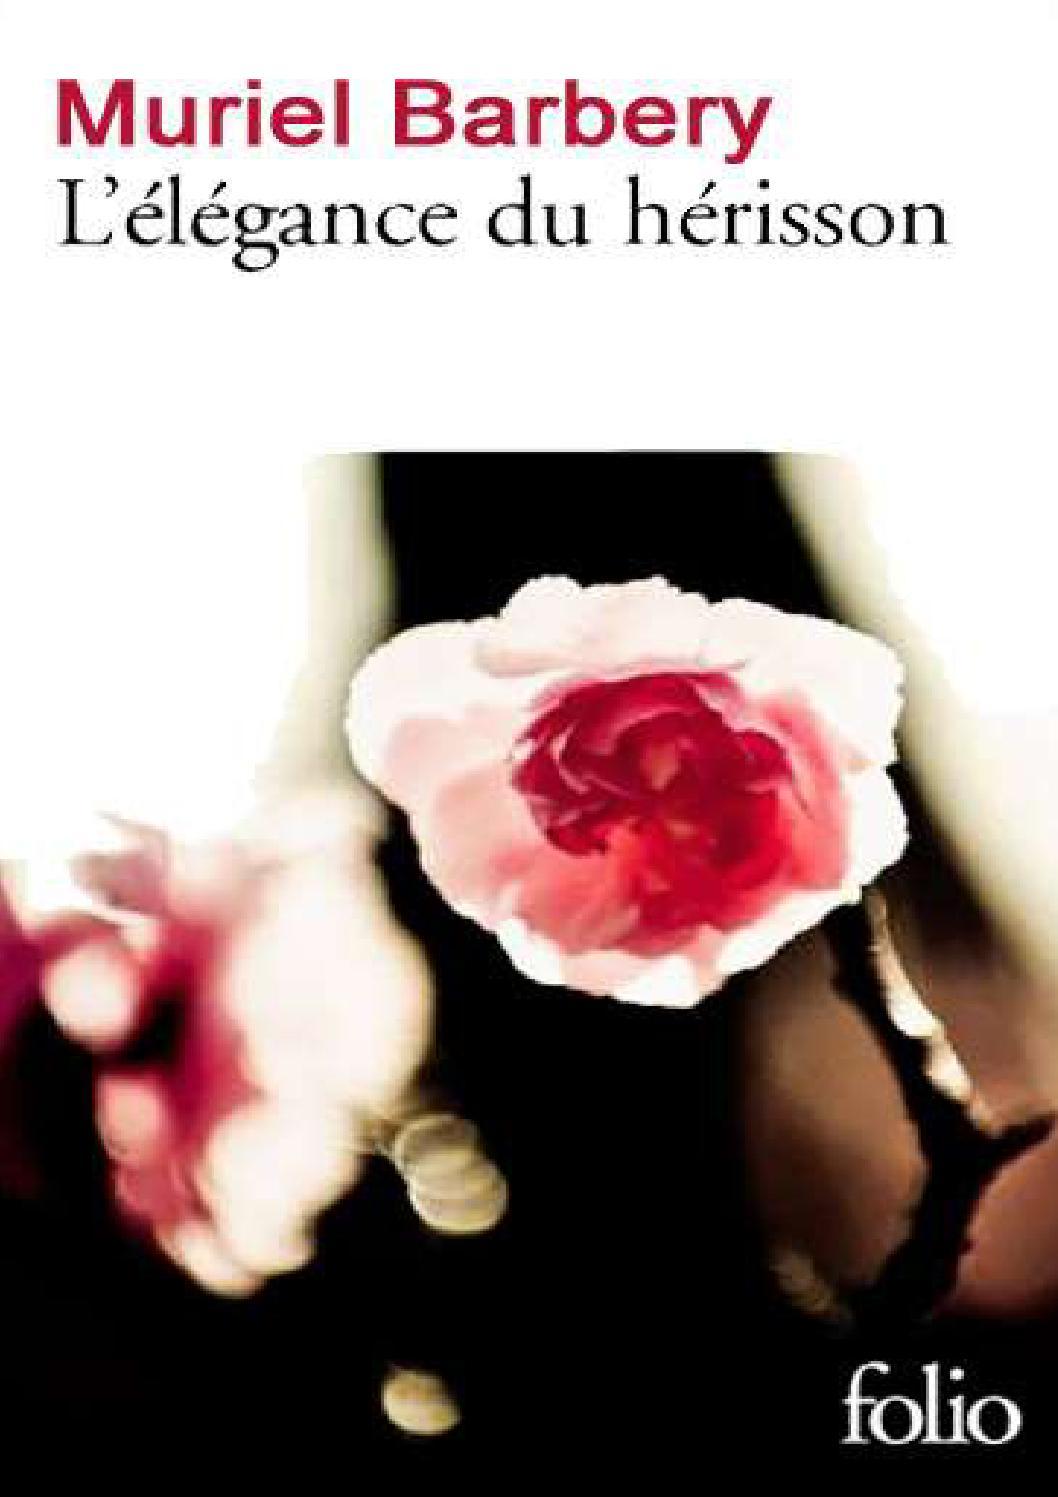 Mousse Humide Fleuriste Rond Cylindre Lot de 20 Fleurs Fraîches Floral Mousse NEUF Royaume-Uni...